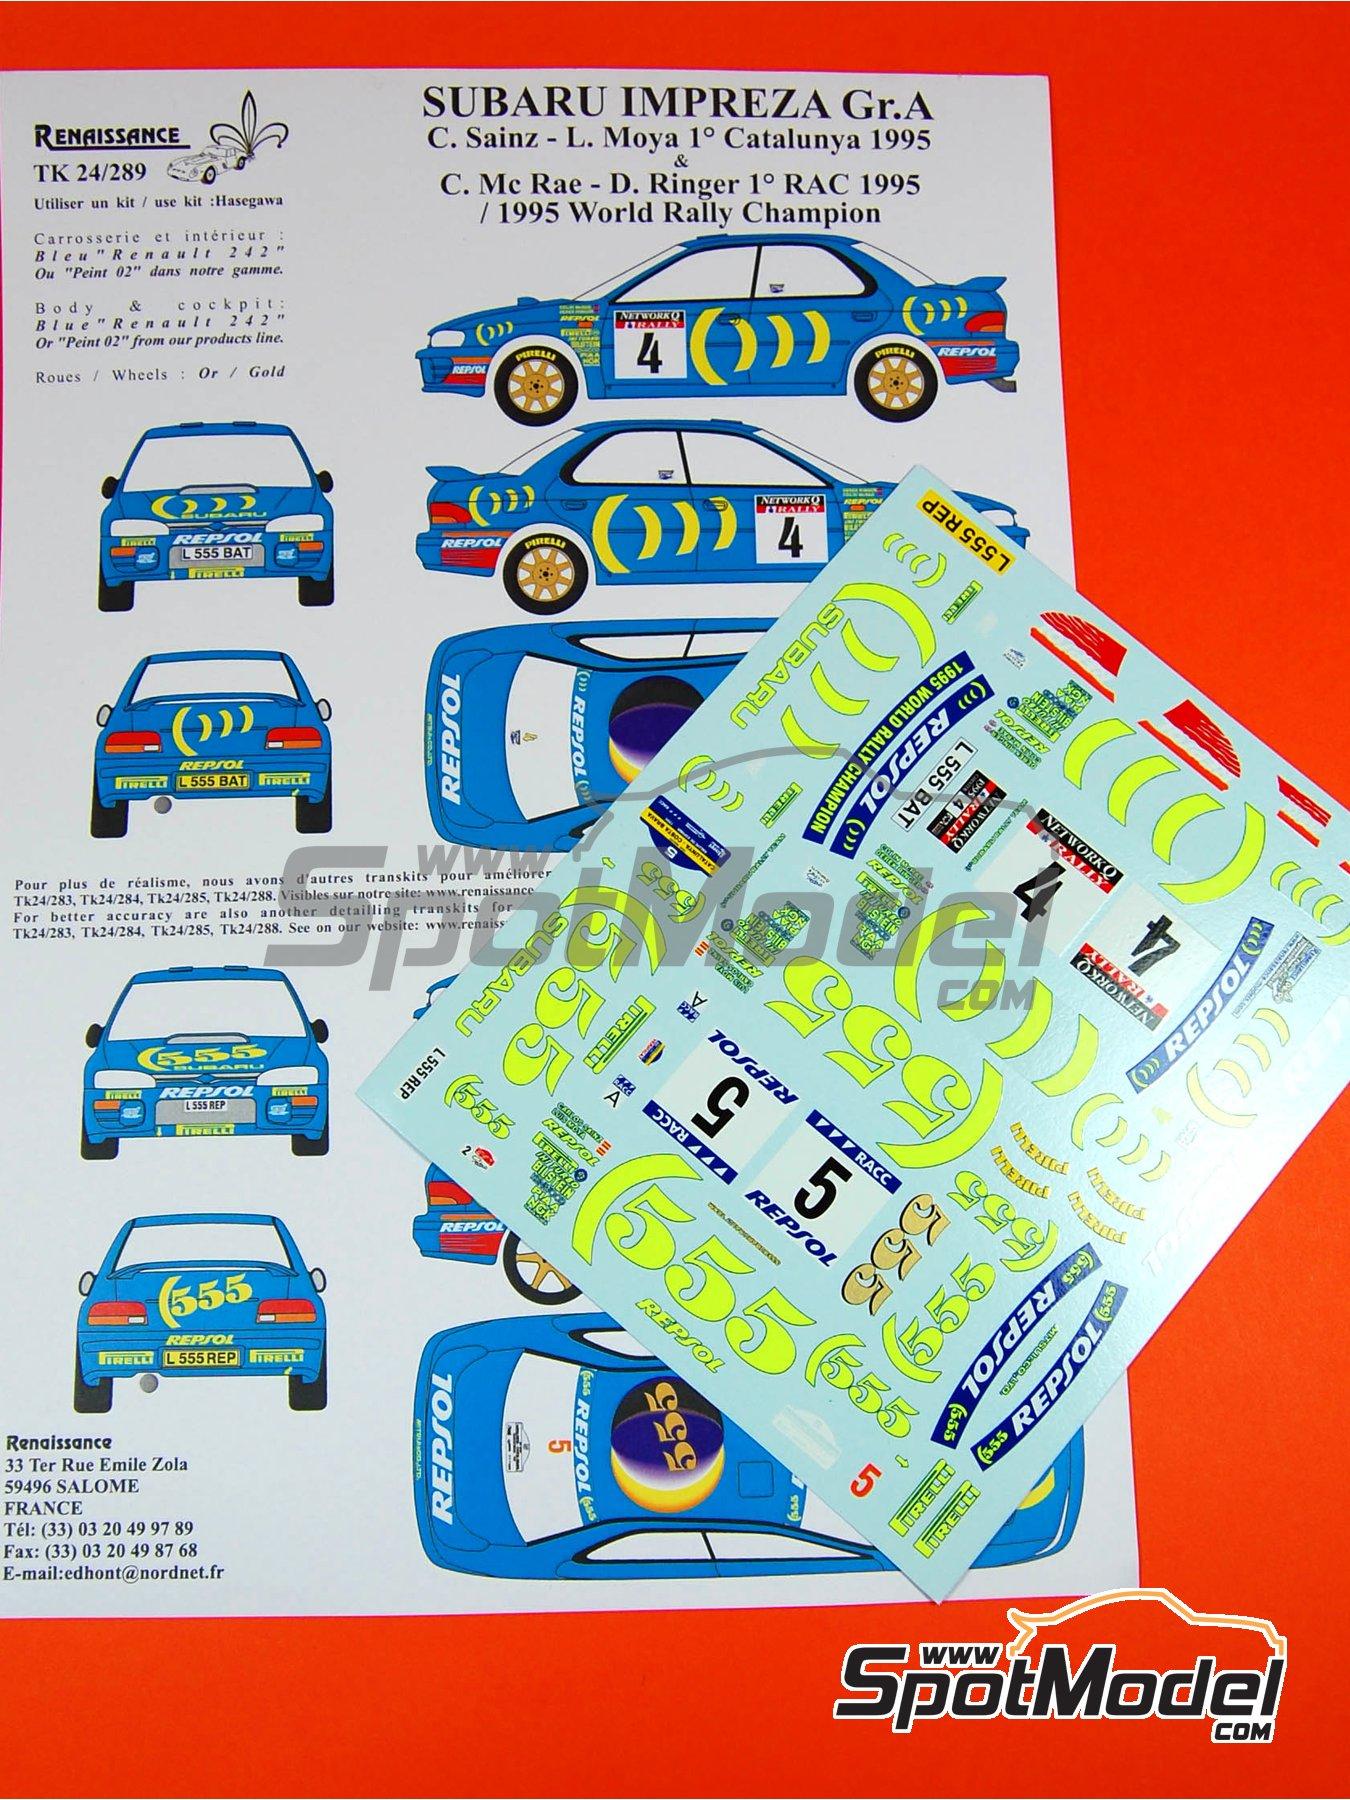 Subaru Impreza 555 Grupo A Repsol - Rally de Cataluña Costa Dorada RACC, Rally de Inglaterra RAC 1995 | Decoración en escala1/24 fabricado por Renaissance Models (ref.TK24-289) image